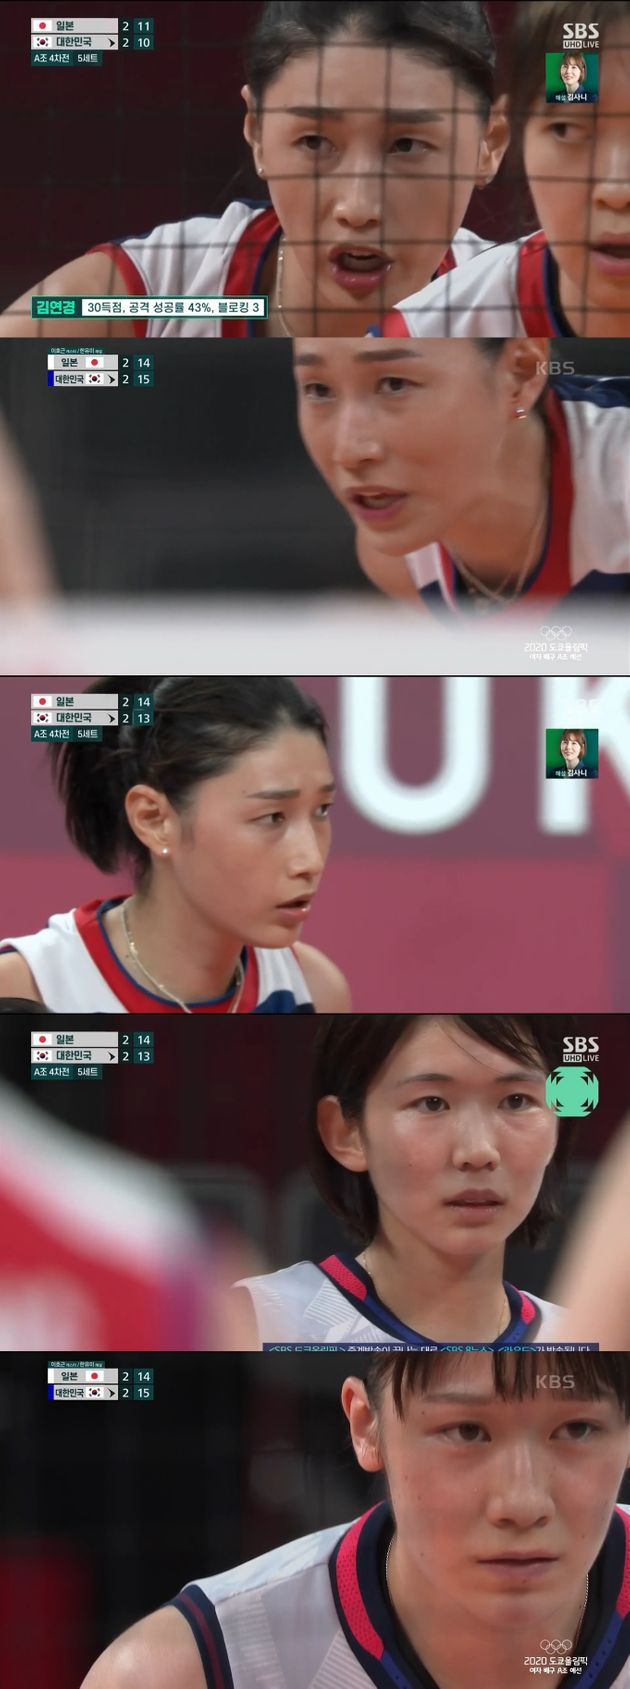 31일 저녁 일본 도쿄 아리아케 아레나에서 열린 '2020 도쿄올림픽' 여자 배구 A조 조별리그 4차전 대한민국과 일본의